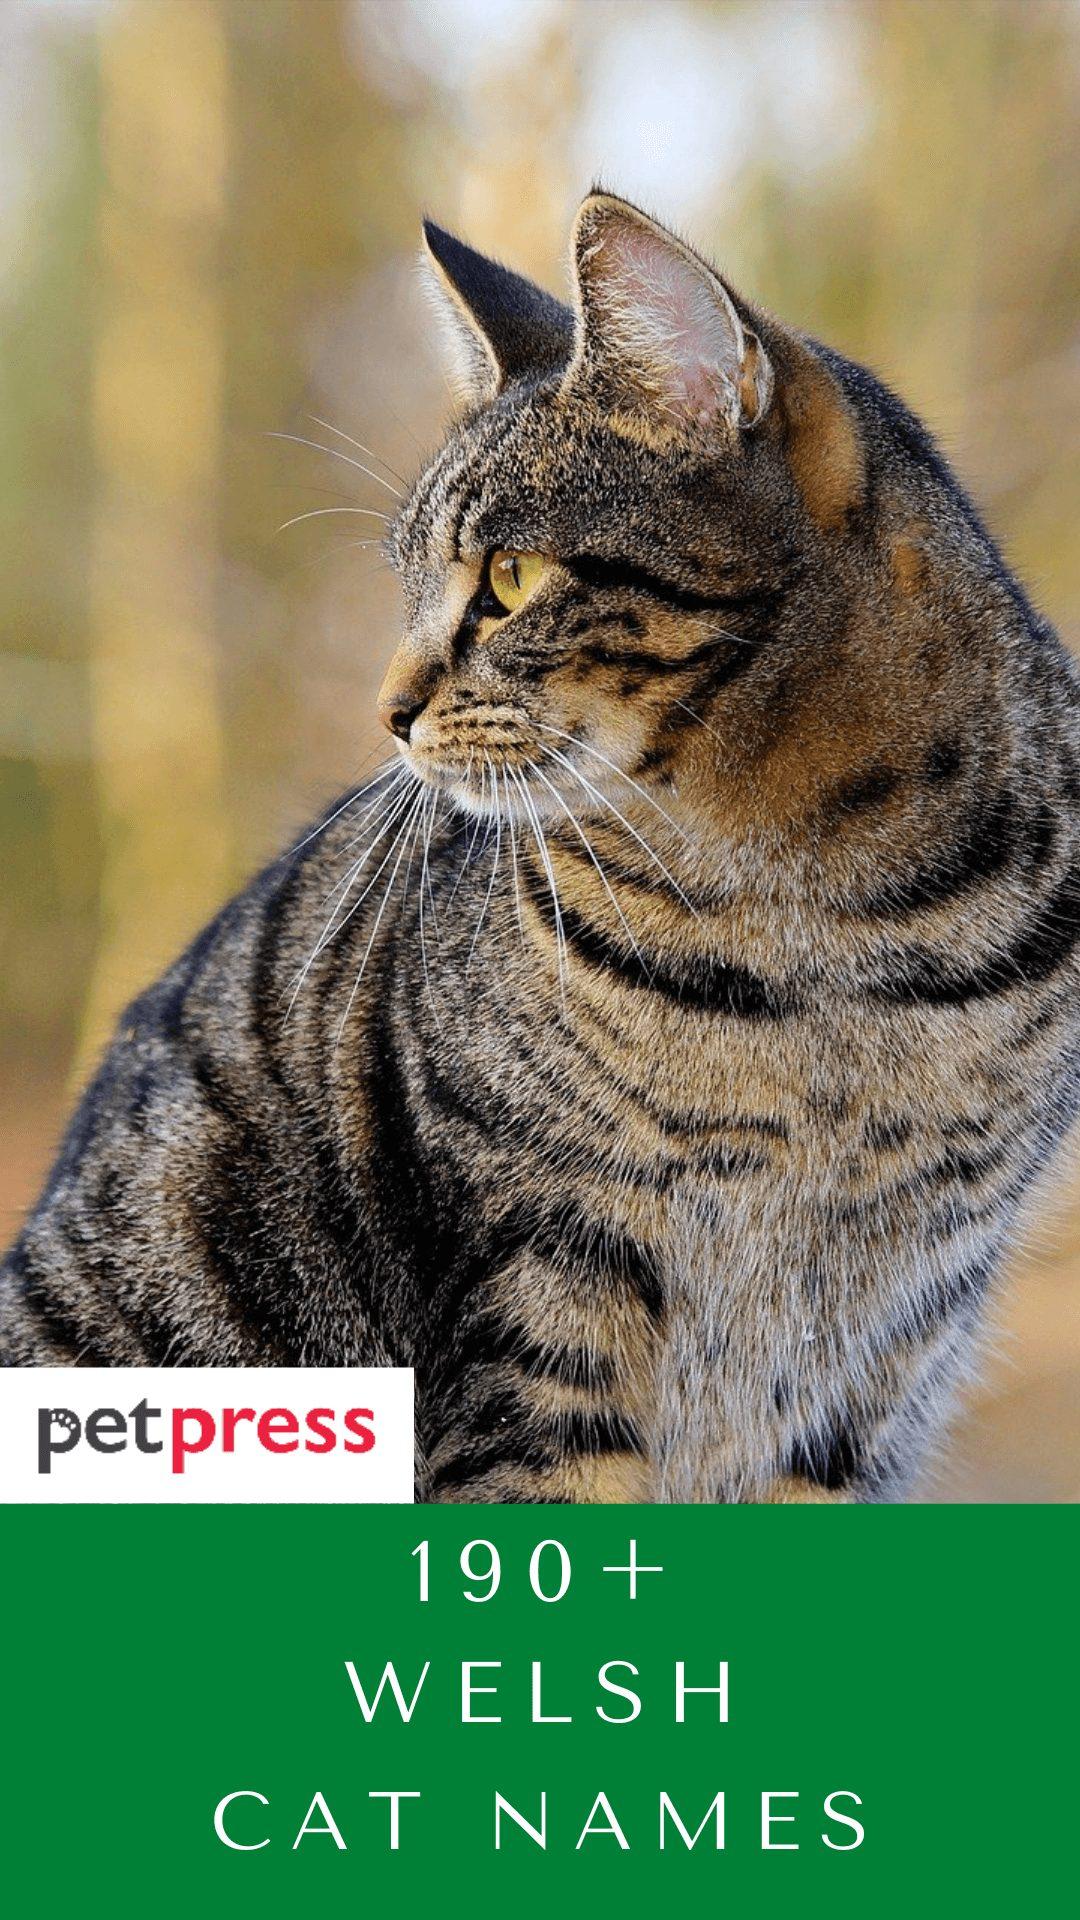 welsh-cat-names